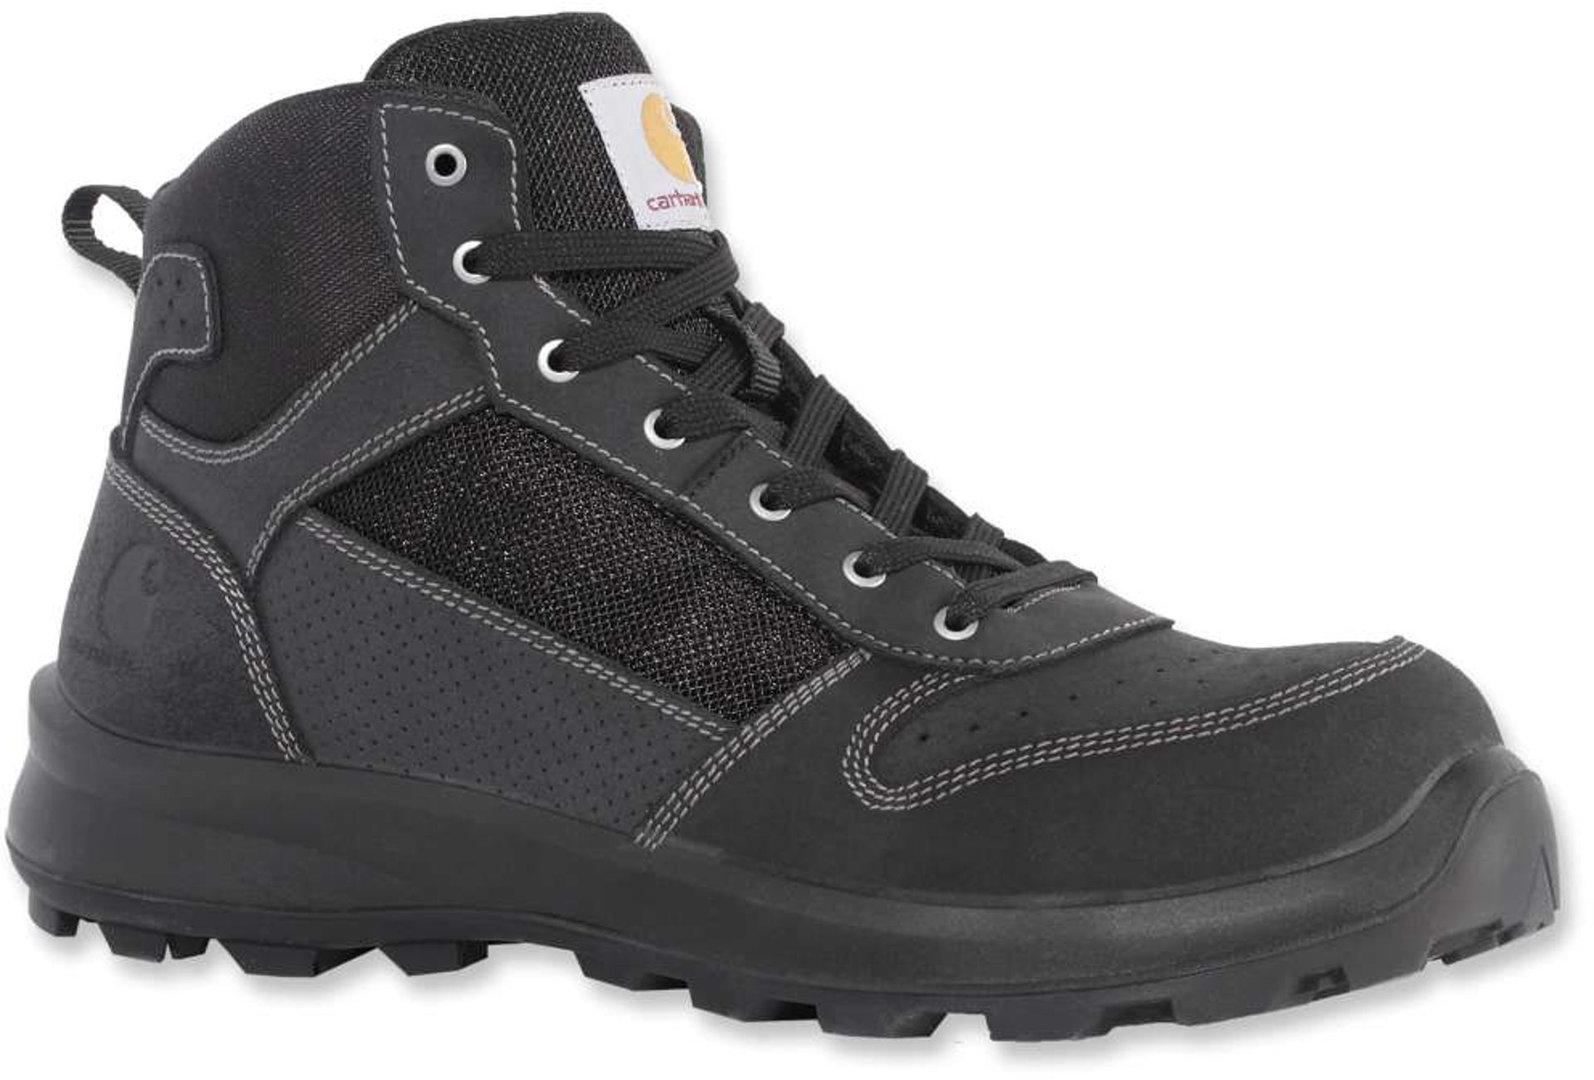 Carhartt Mid S1P Stiefel, schwarz, Größe 39, schwarz, Größe 39